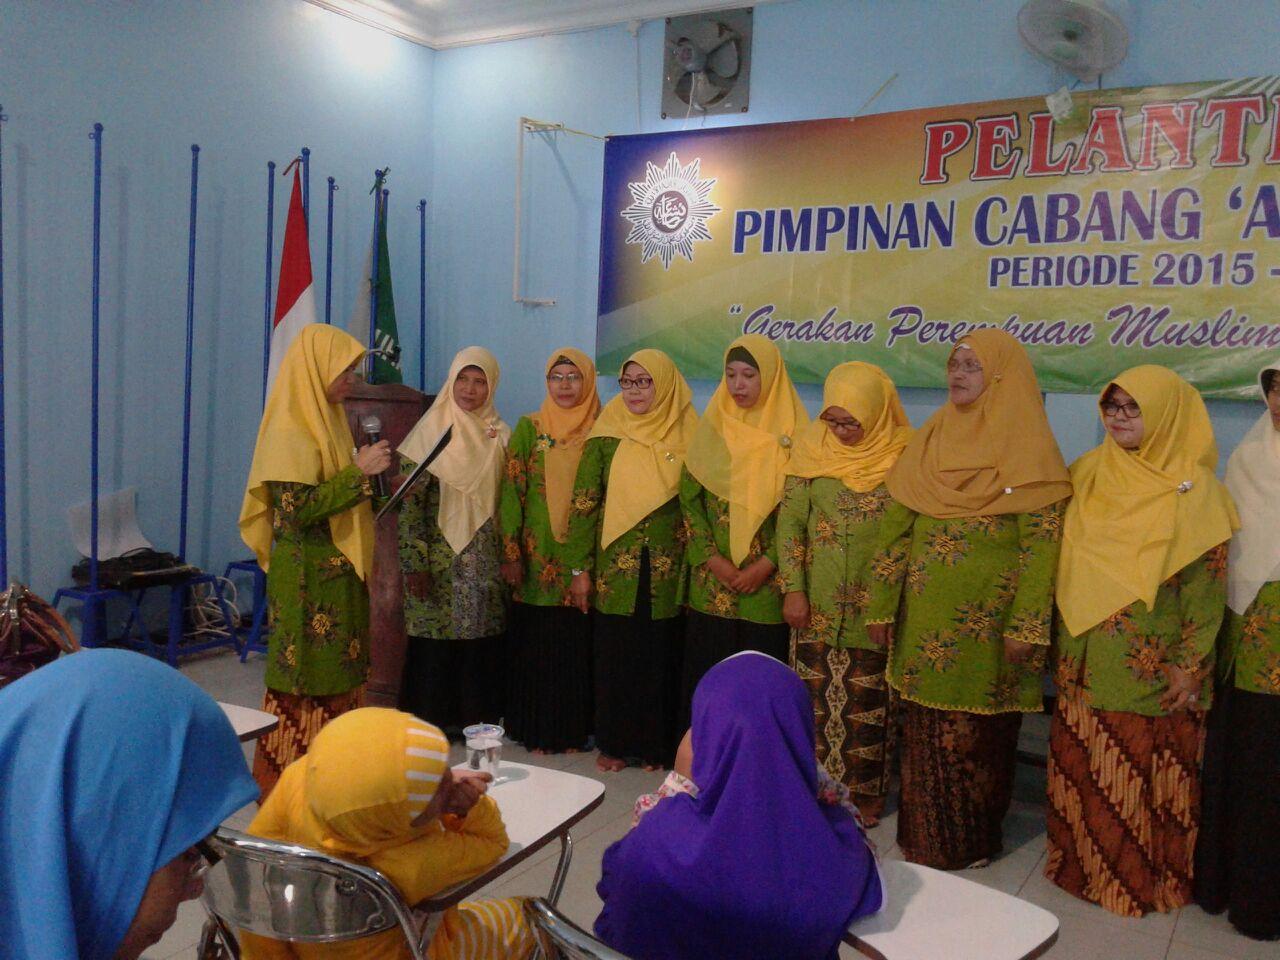 """Pelantikan Pimpinan Caban Aisiyah Tuban denga mengusung tema """"GERAKAN PEREMPUAN MUSLIM YANG BERKEMAJUAN"""